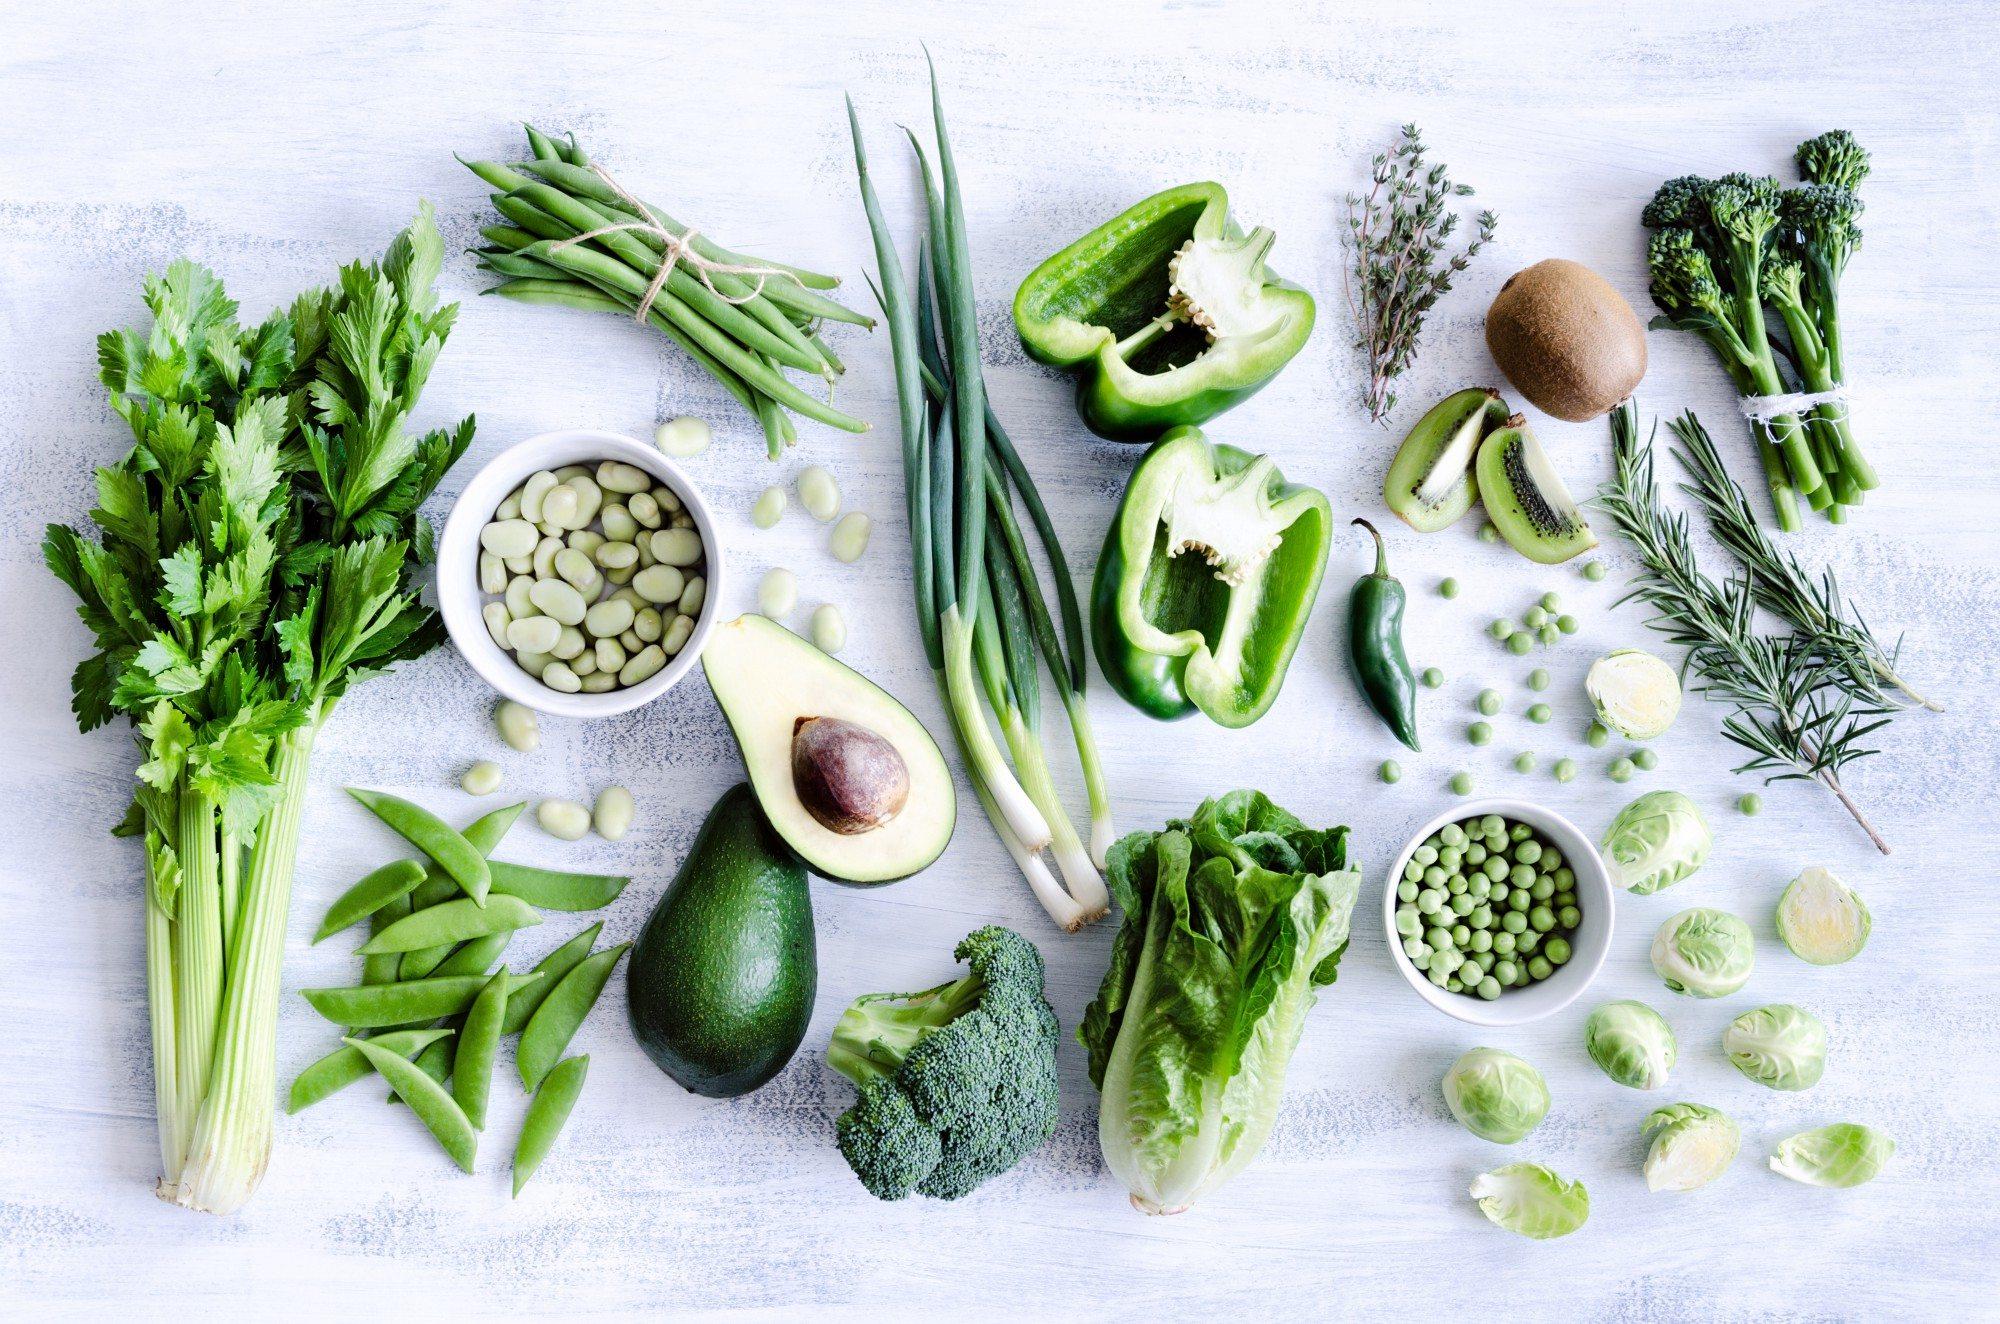 diet friendly foods